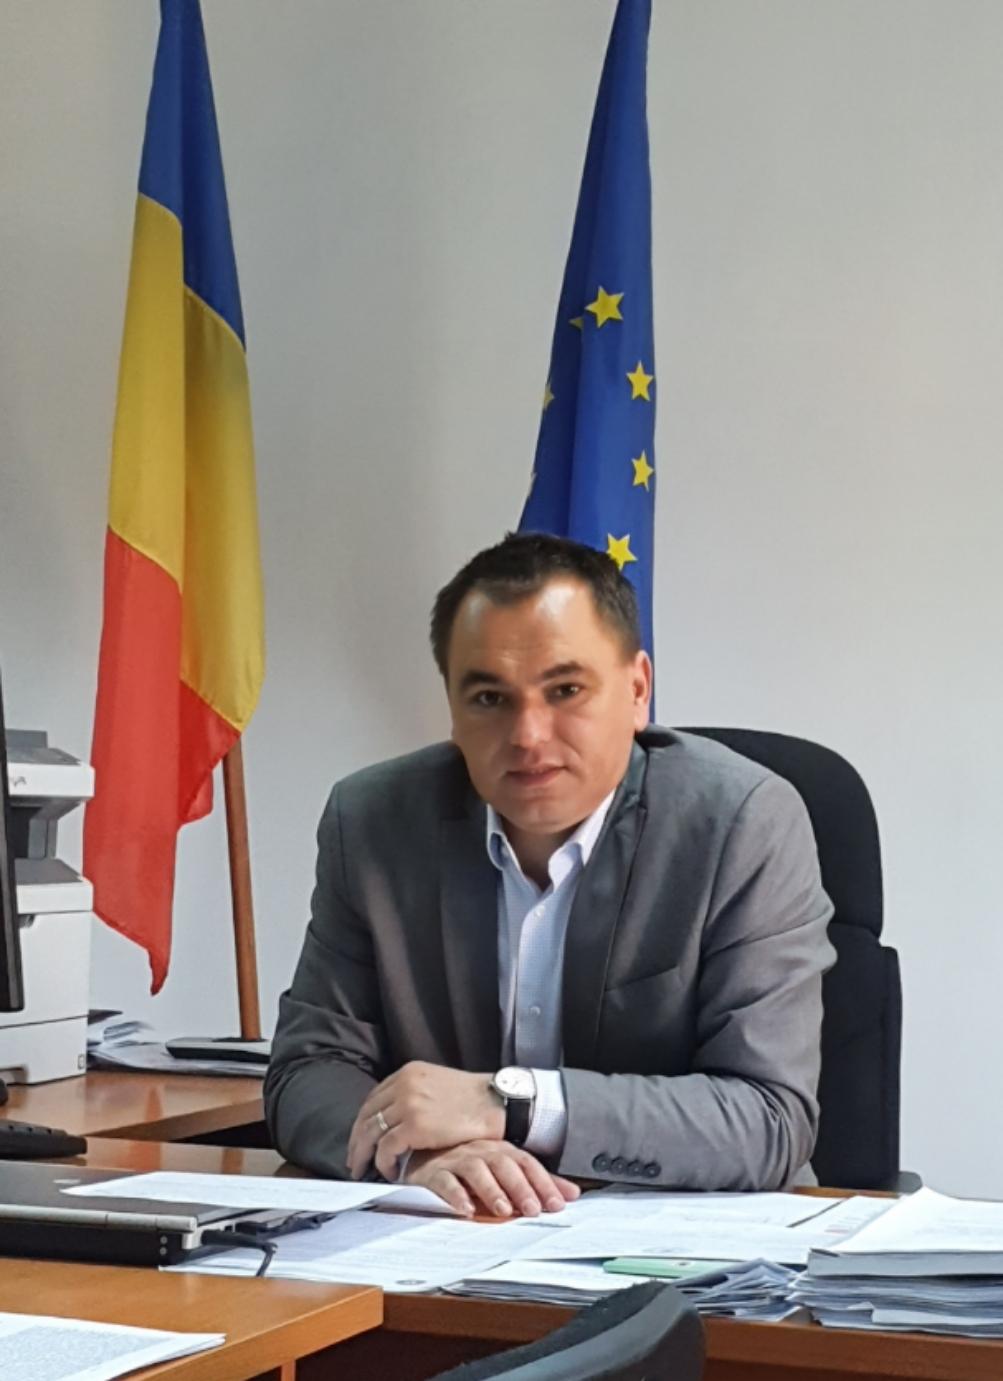 Informare APIA Botoșani privind suspendarea temporară a procesului de primire a cererilor de solicitare a sprijinului temporar pentru Măsura 21 pentru data de 2 octombrie 2020